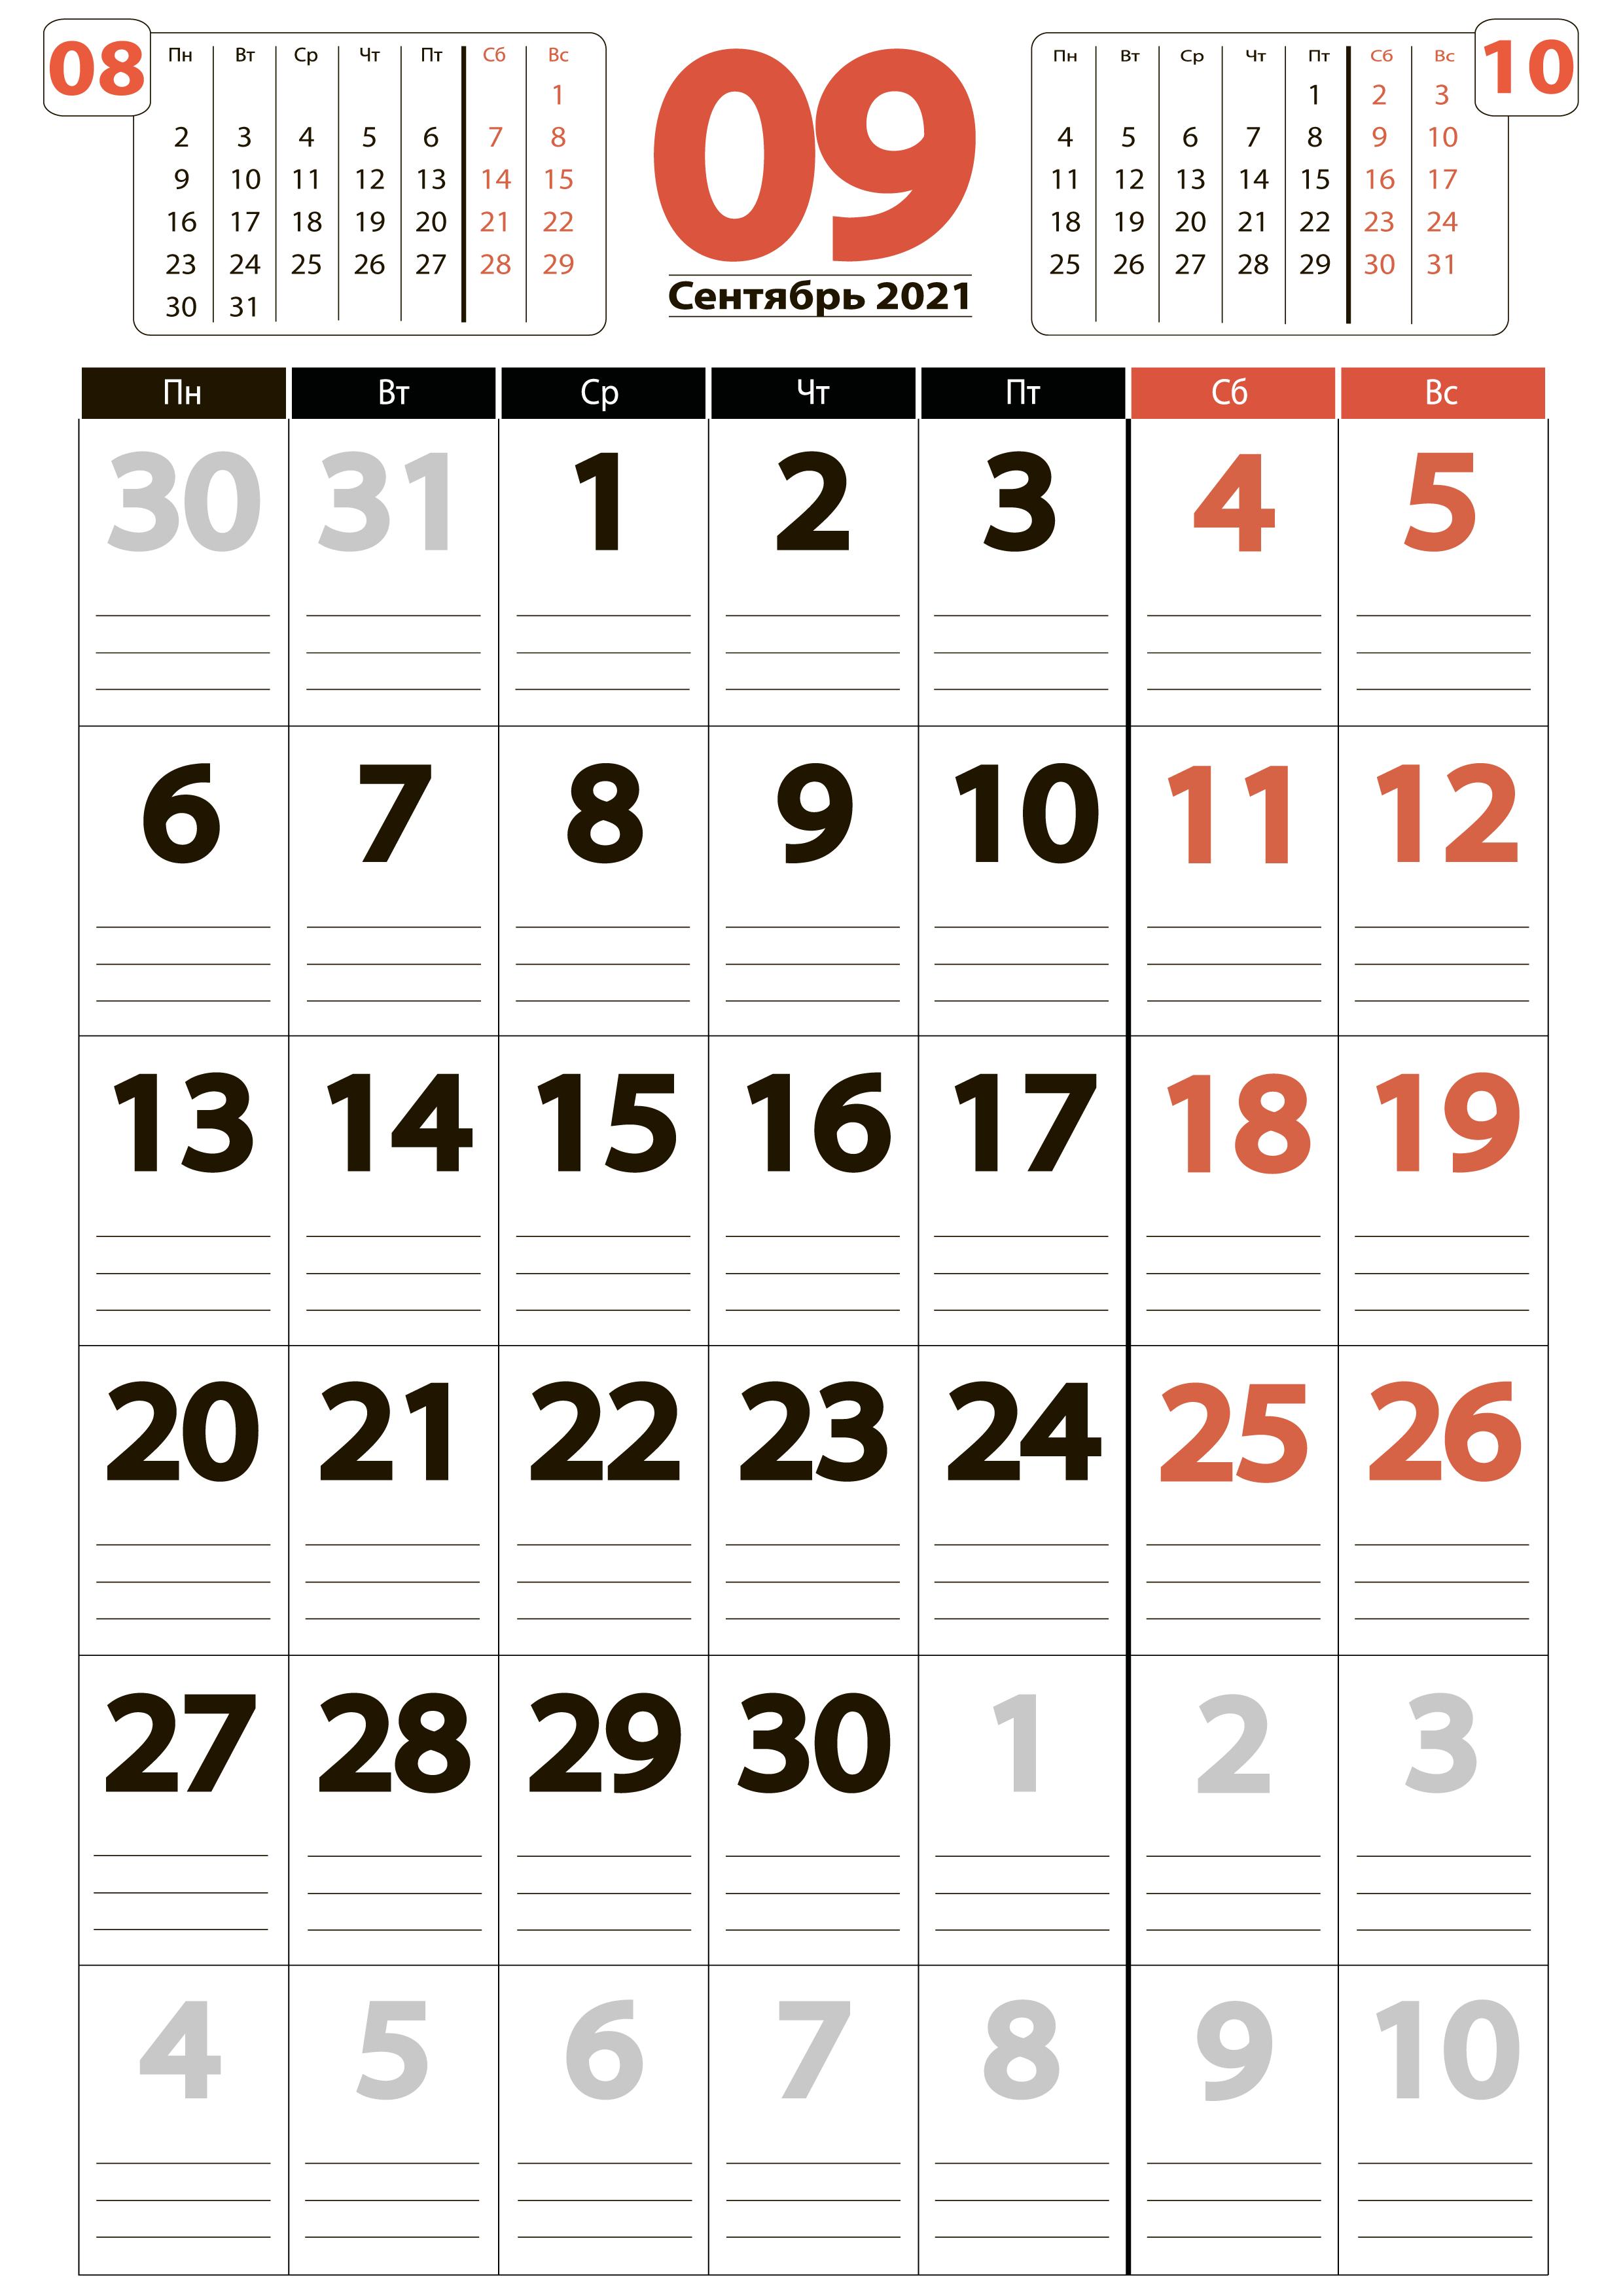 Сентябрь 2021 - Календарь книжный формат